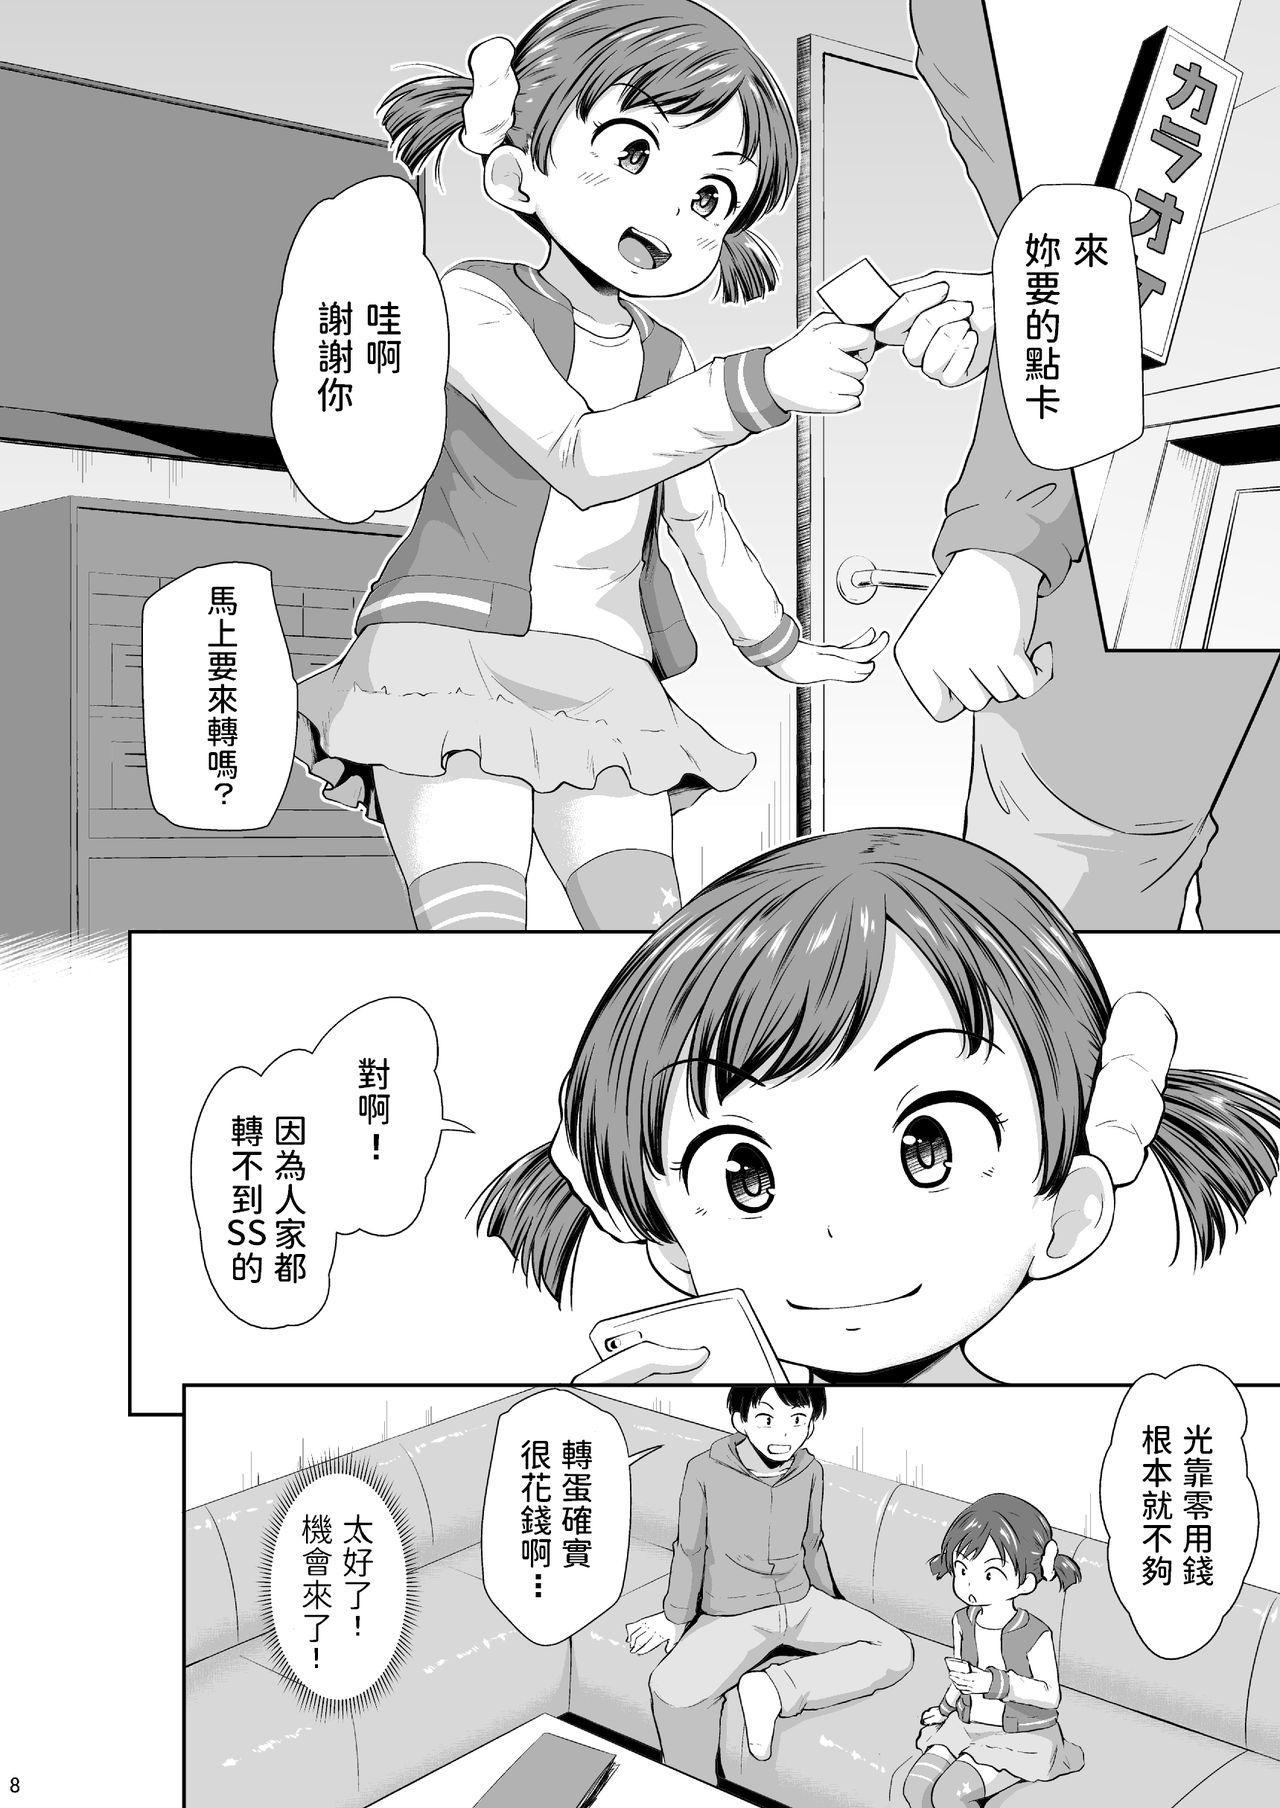 Smapho Shoujo to H na Koto o Suru Houhou 8